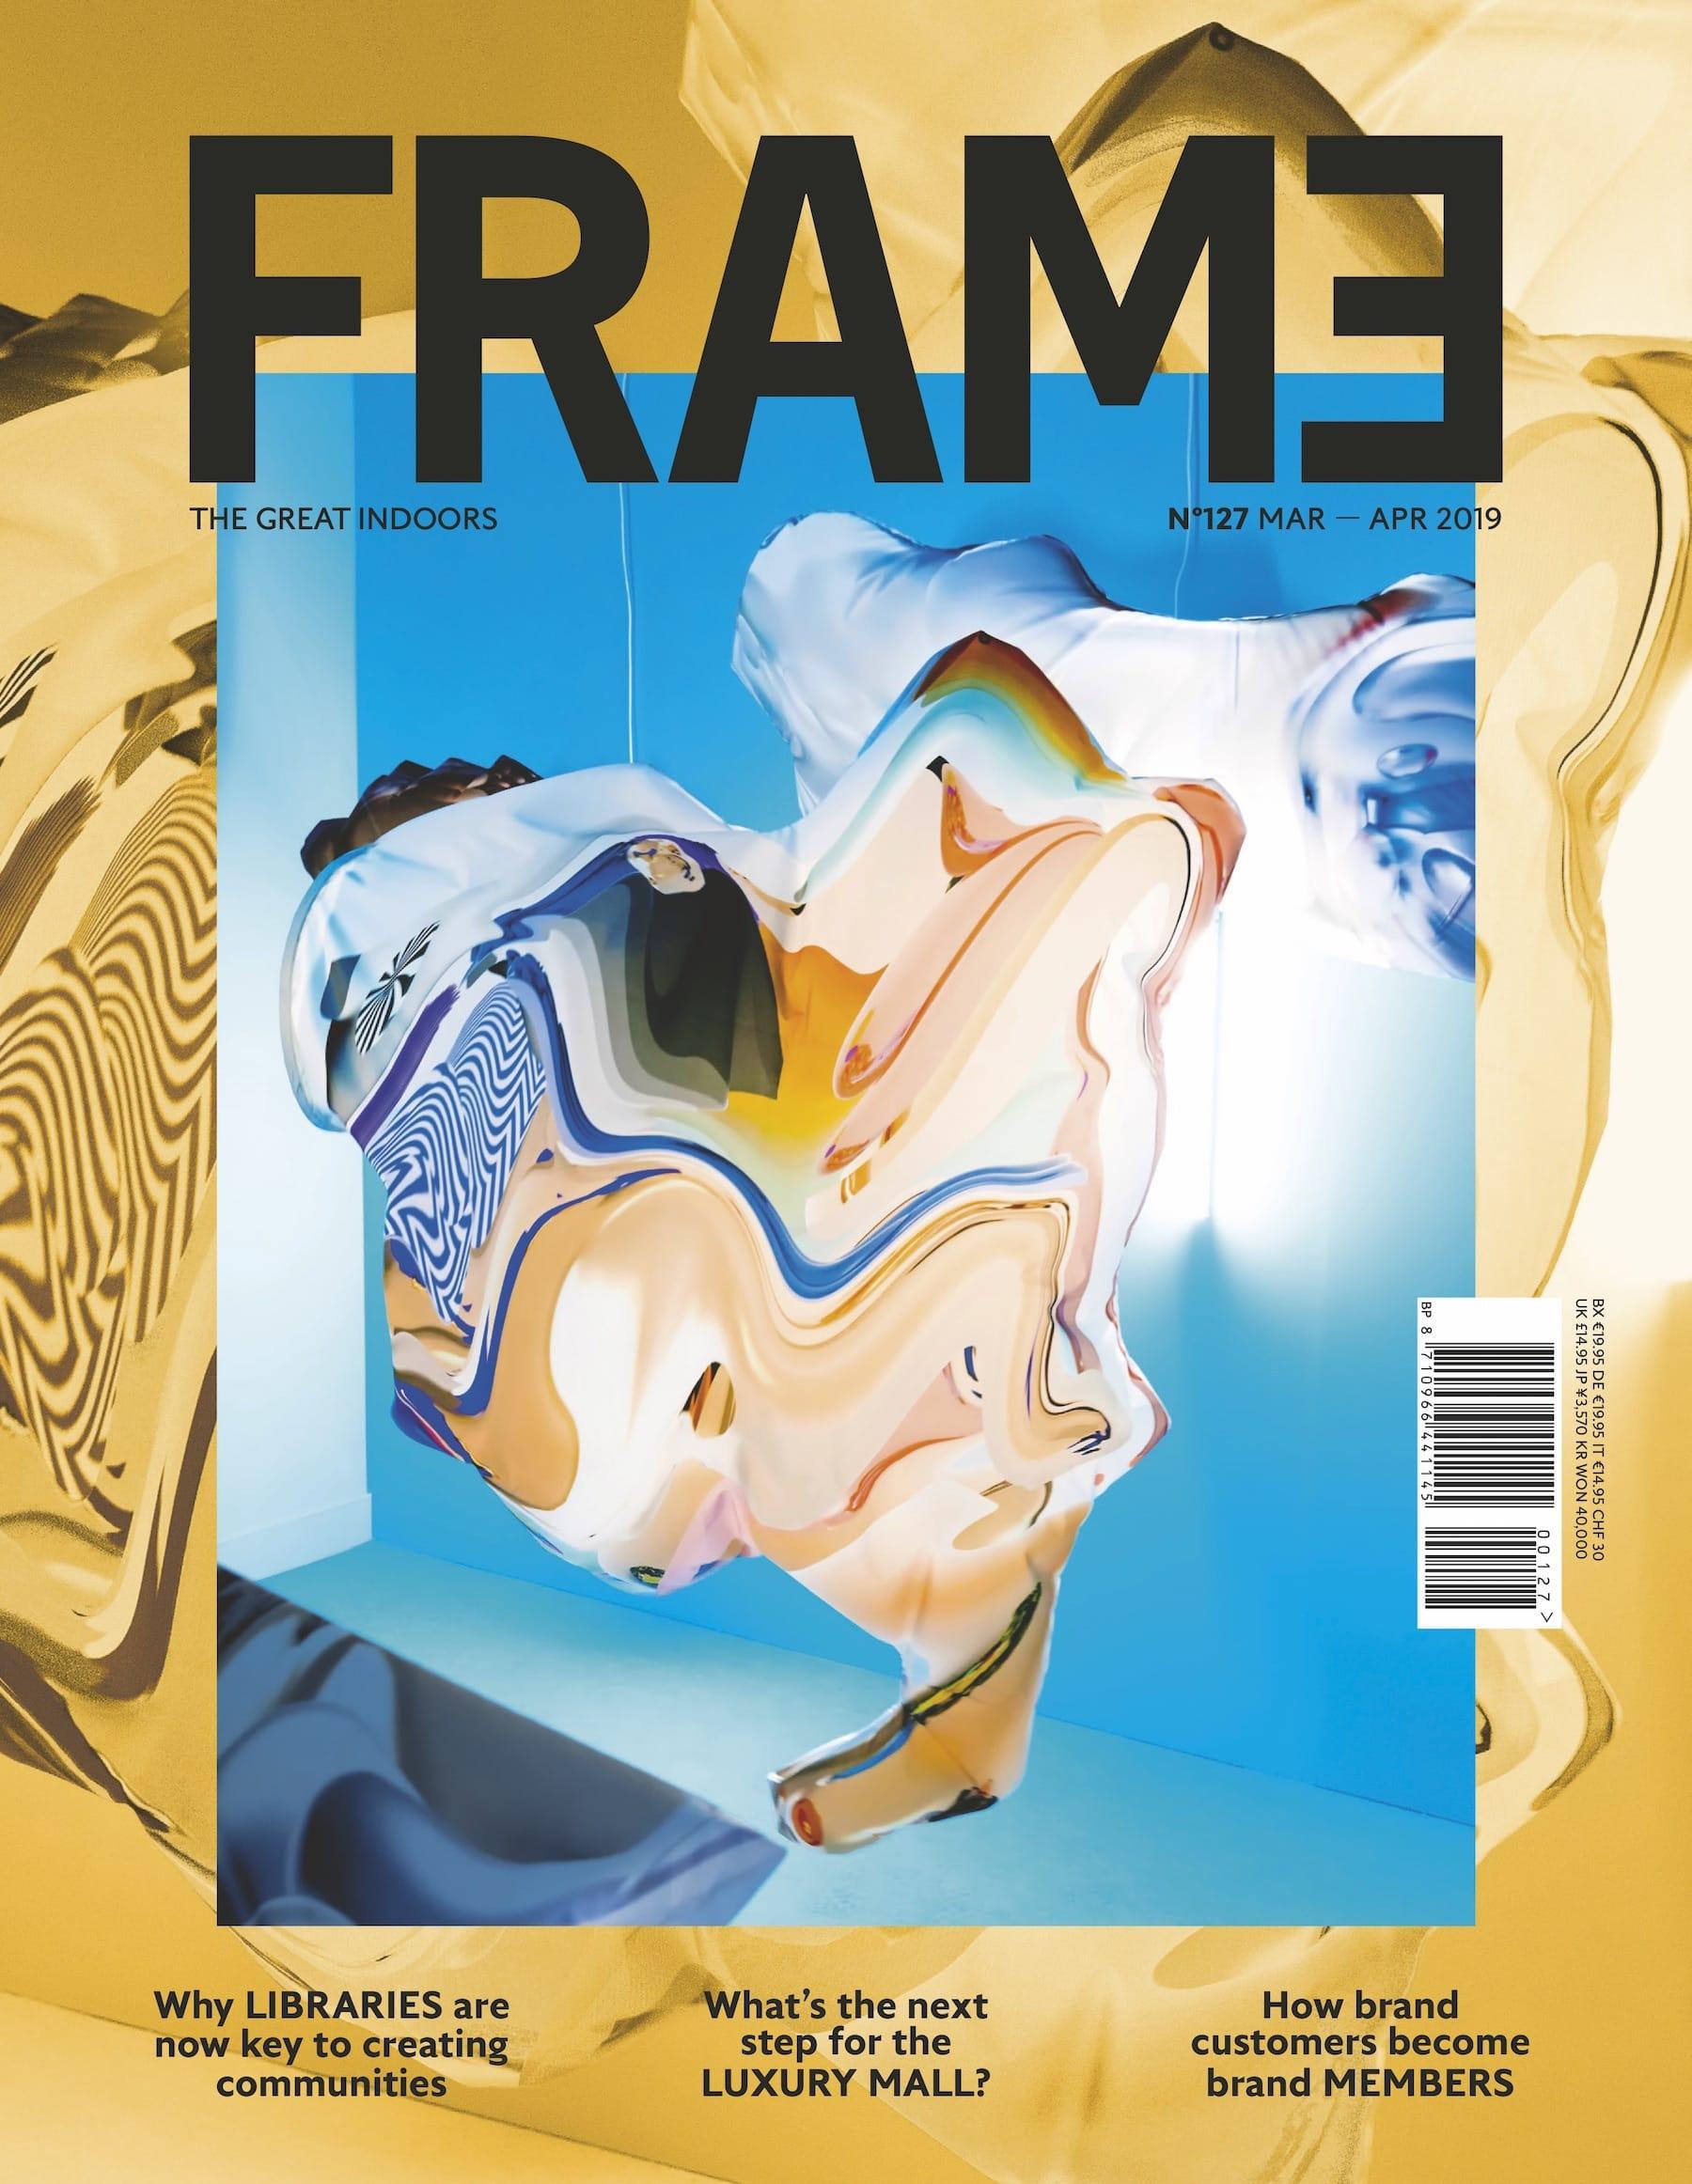 201903-04 荷兰Frame No. 127 封面.jpg